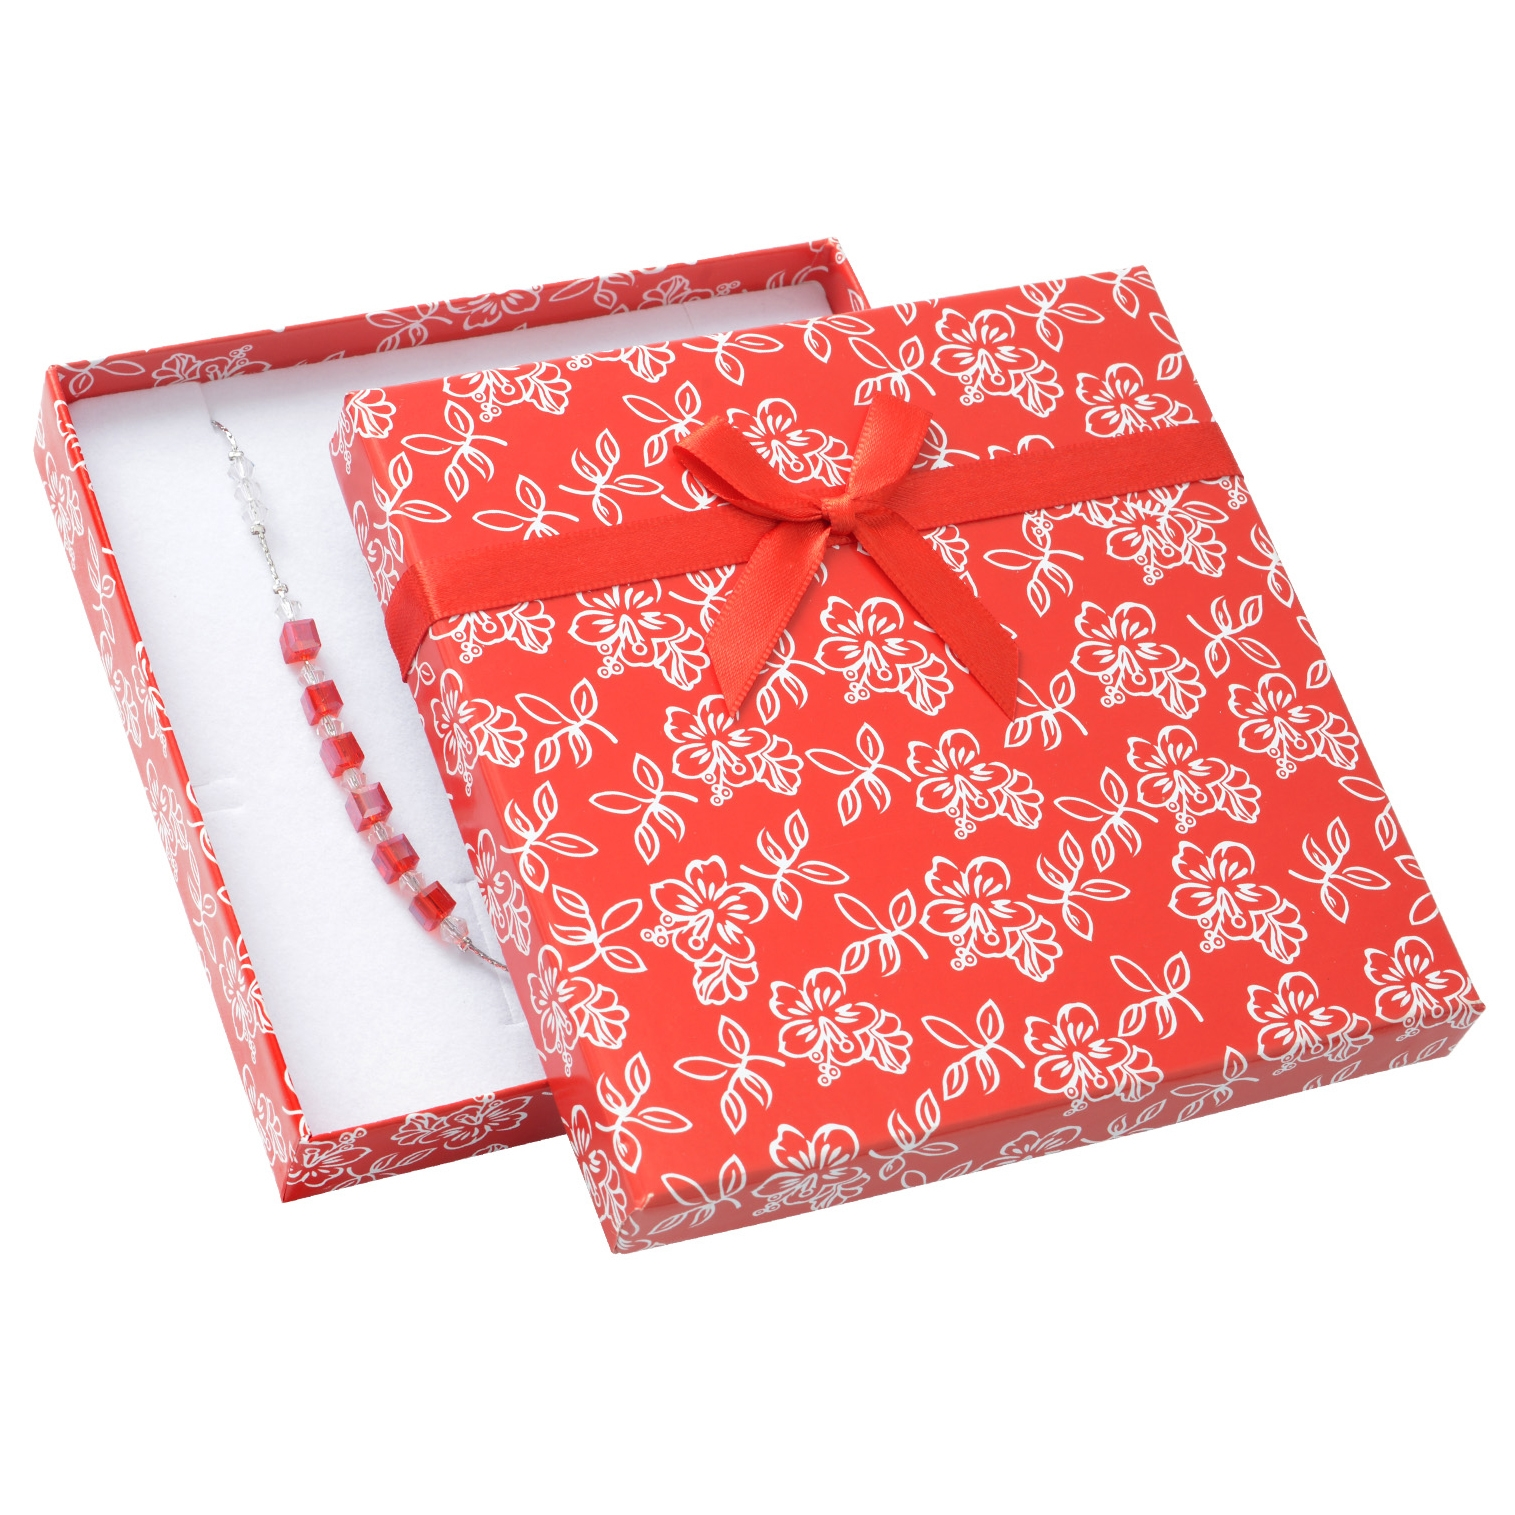 Velká dárková krabička na soupravu šperků 71e0b4ac0d3